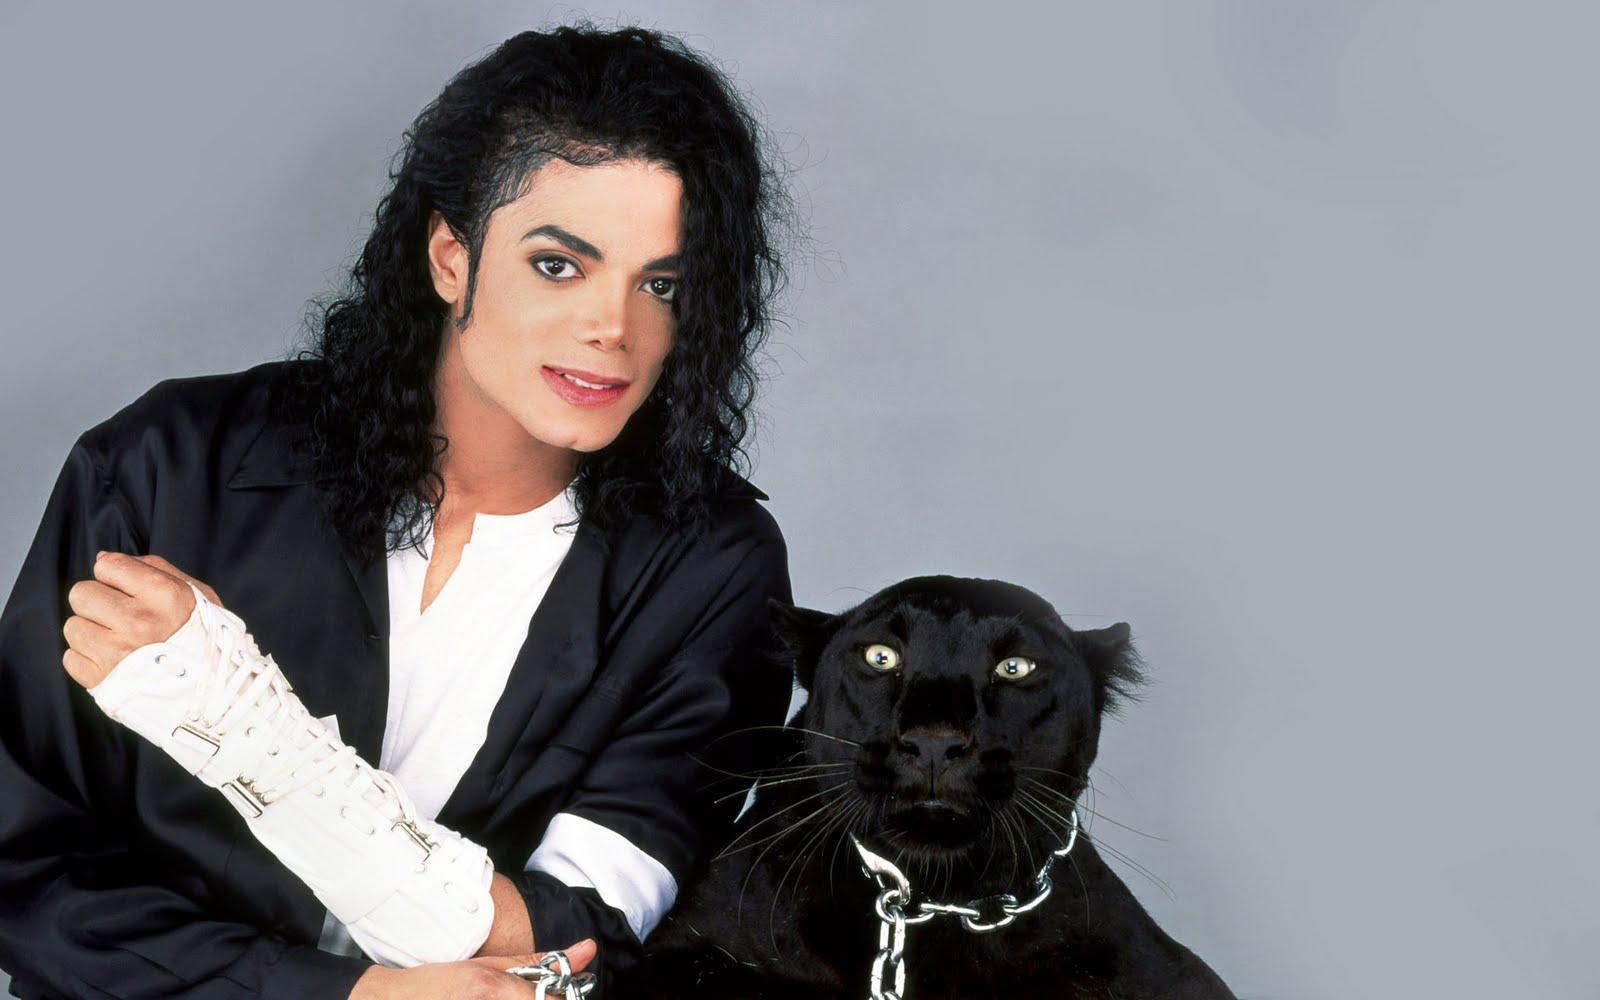 http://2.bp.blogspot.com/_JQXHFiGhZrU/TBUtkqhkWyI/AAAAAAAAAI8/K0gf-JinmCE/s1600/michael-jackson-and+cat.jpg